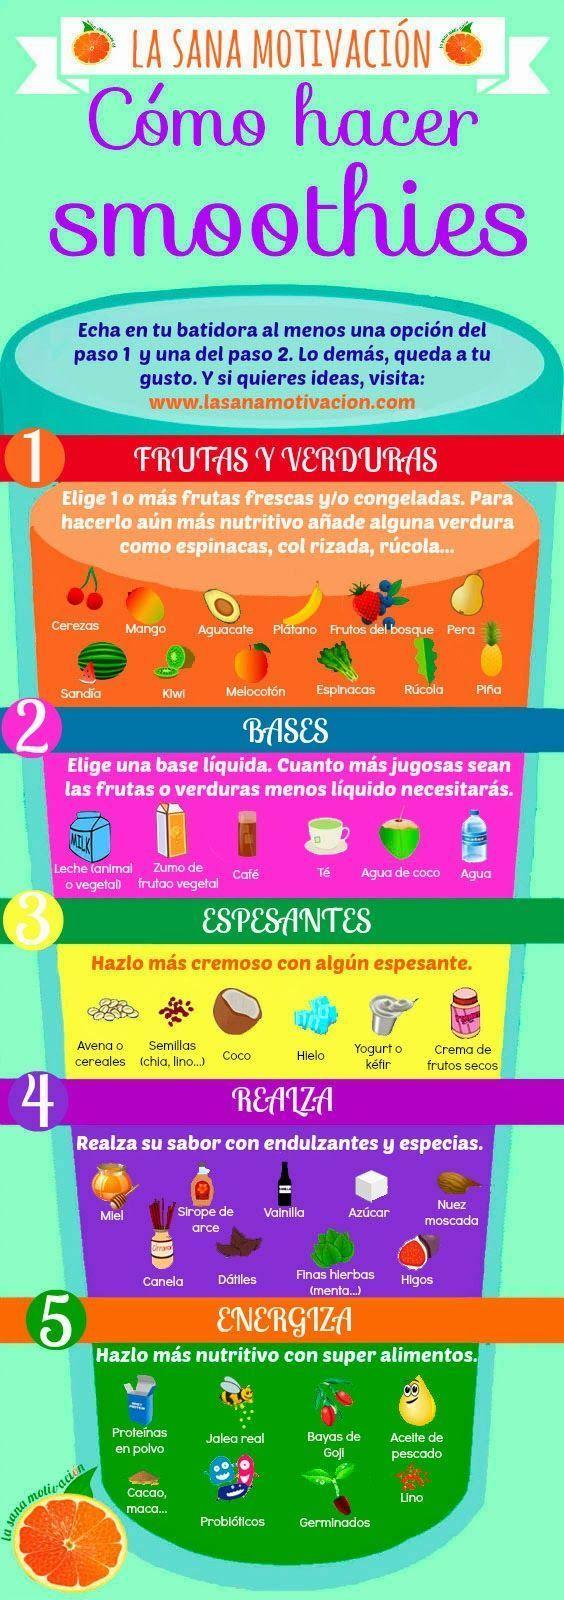 Los batidos de frutas y verduras pueden ser una deliciosa opción para aportar a tu salud los nutrientes esenciales. La mejor manera de evitar ingredientes desconocidos o químicos en tu smoothie es hacerlos tu mismo a base de productos naturales. Todo lo que necesitas es una licuadora, frutas y una base, tal como agua, leche o yogur. Estos batidos nos ayudaran …: